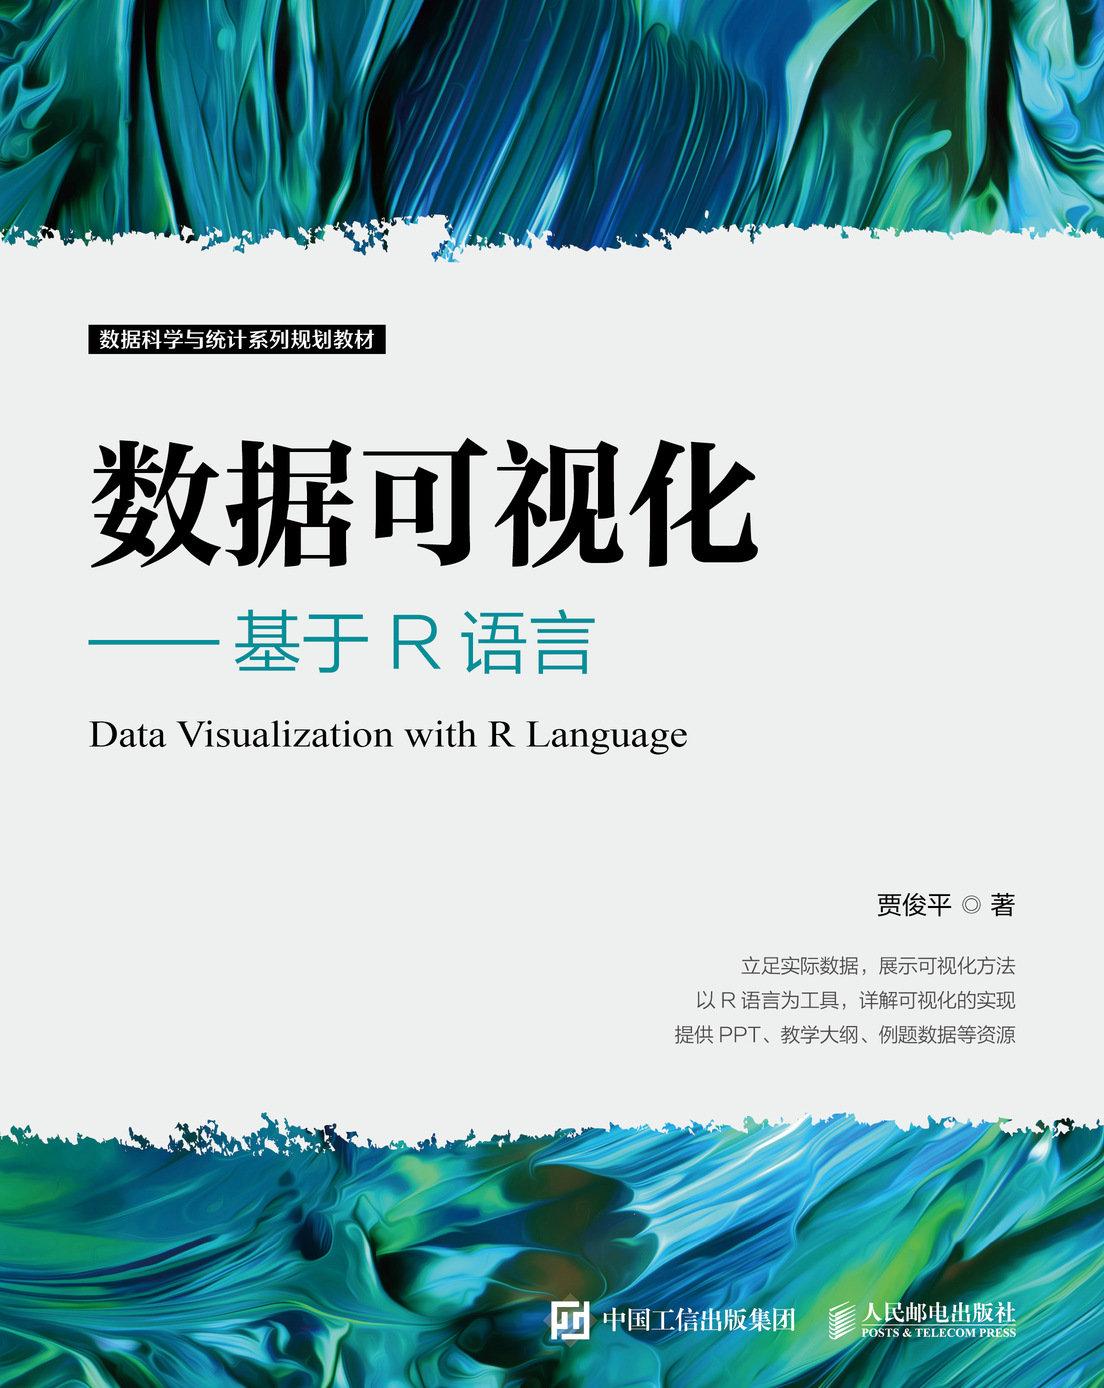 數據可視化——基於R語言-preview-1